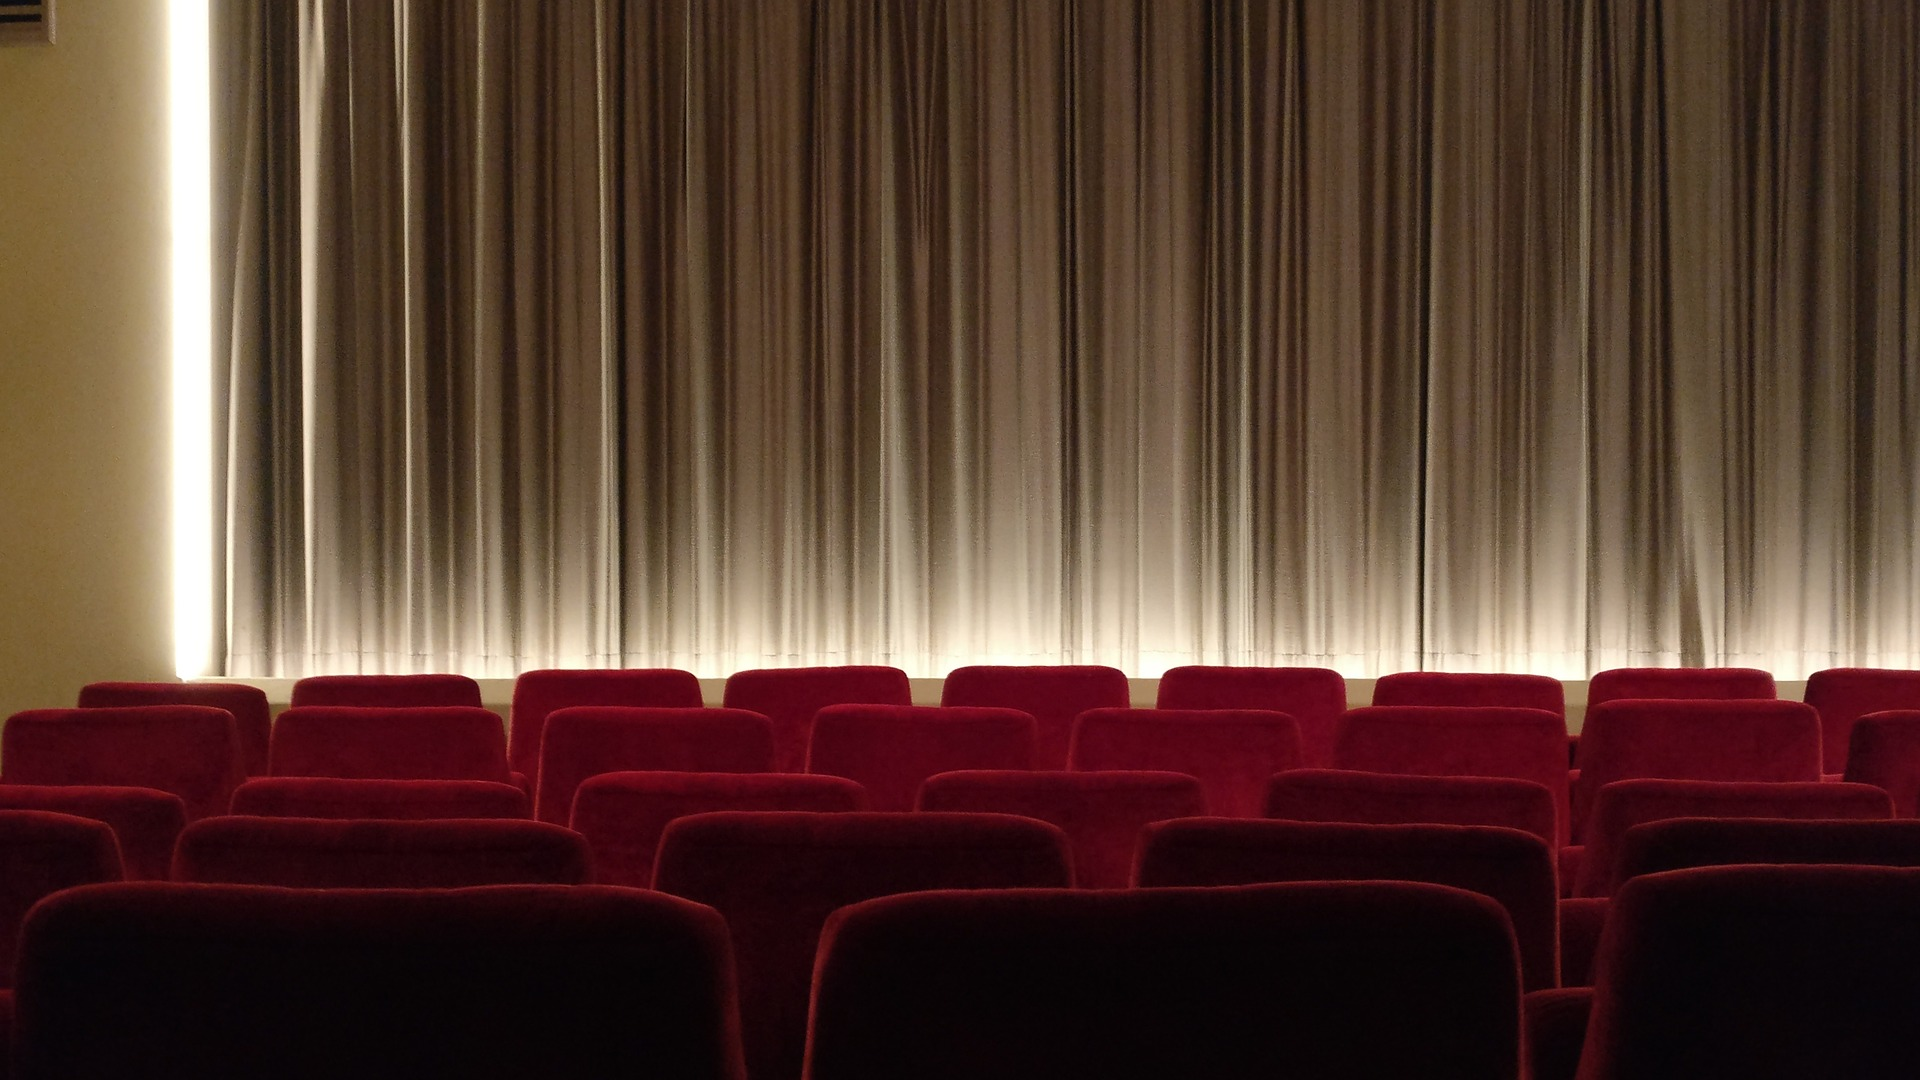 Quem acredita na importância do cinema ser produzido no Brasil teria a obrigação de enfrentar as condições reais nas quais se produz